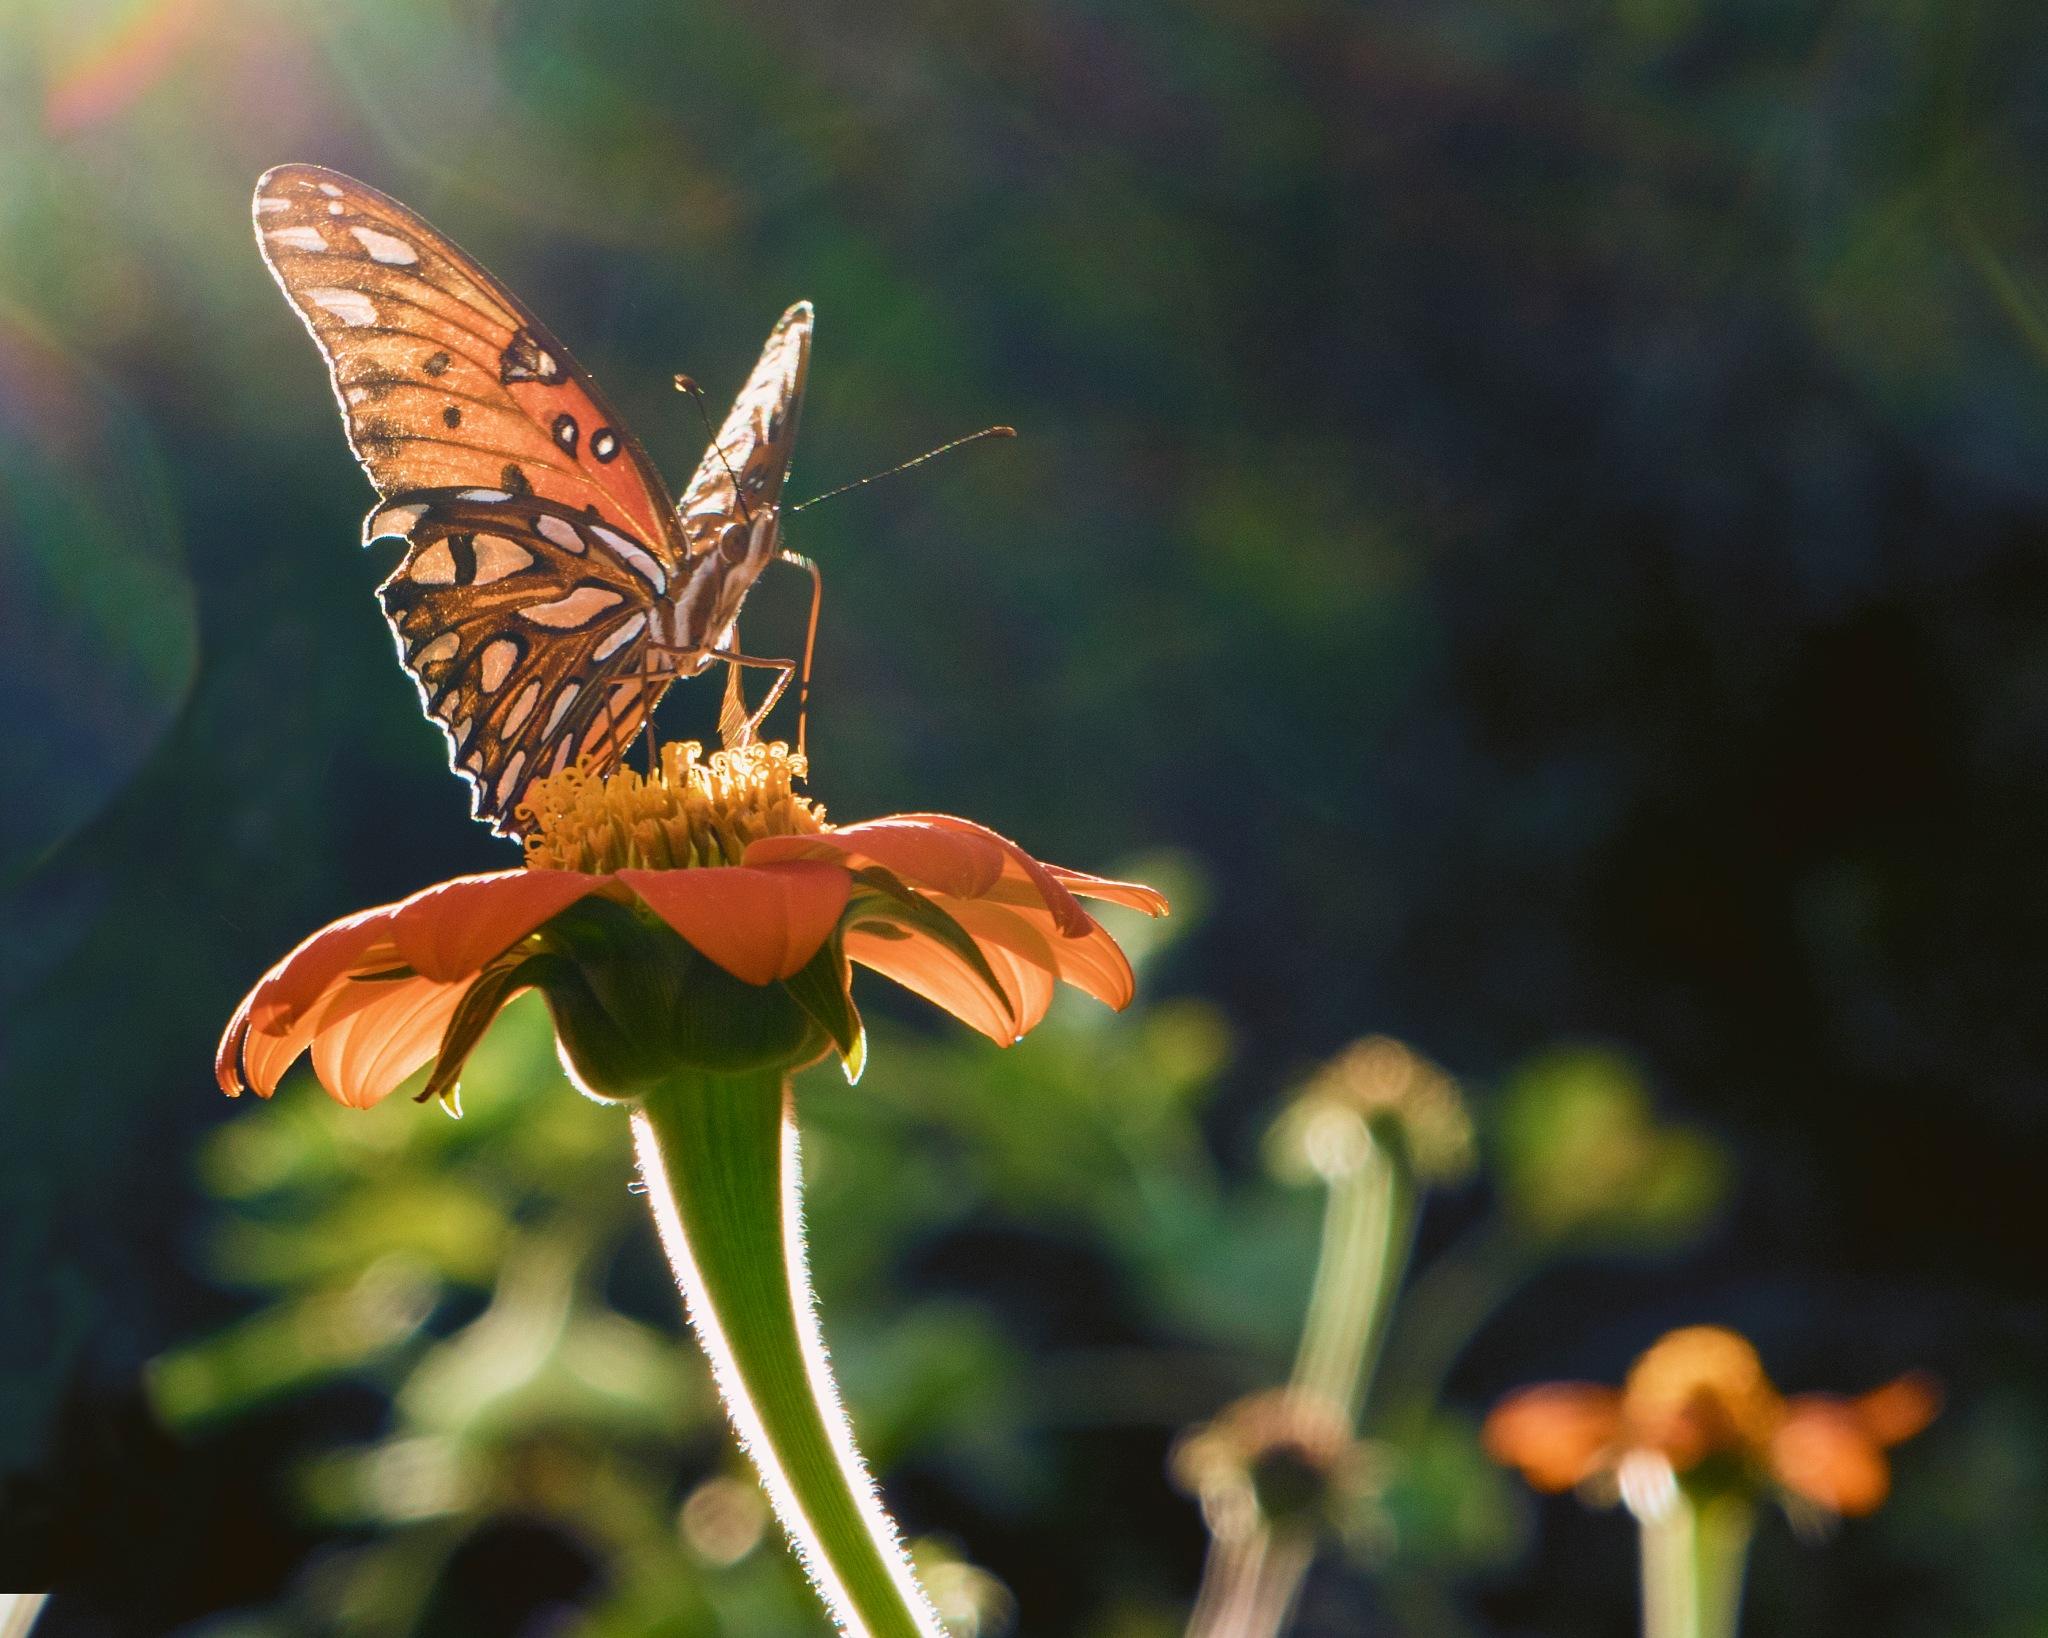 Butterfly @ Mason Mill Park, Atlanta, Ga. by Charles C. Pinckney